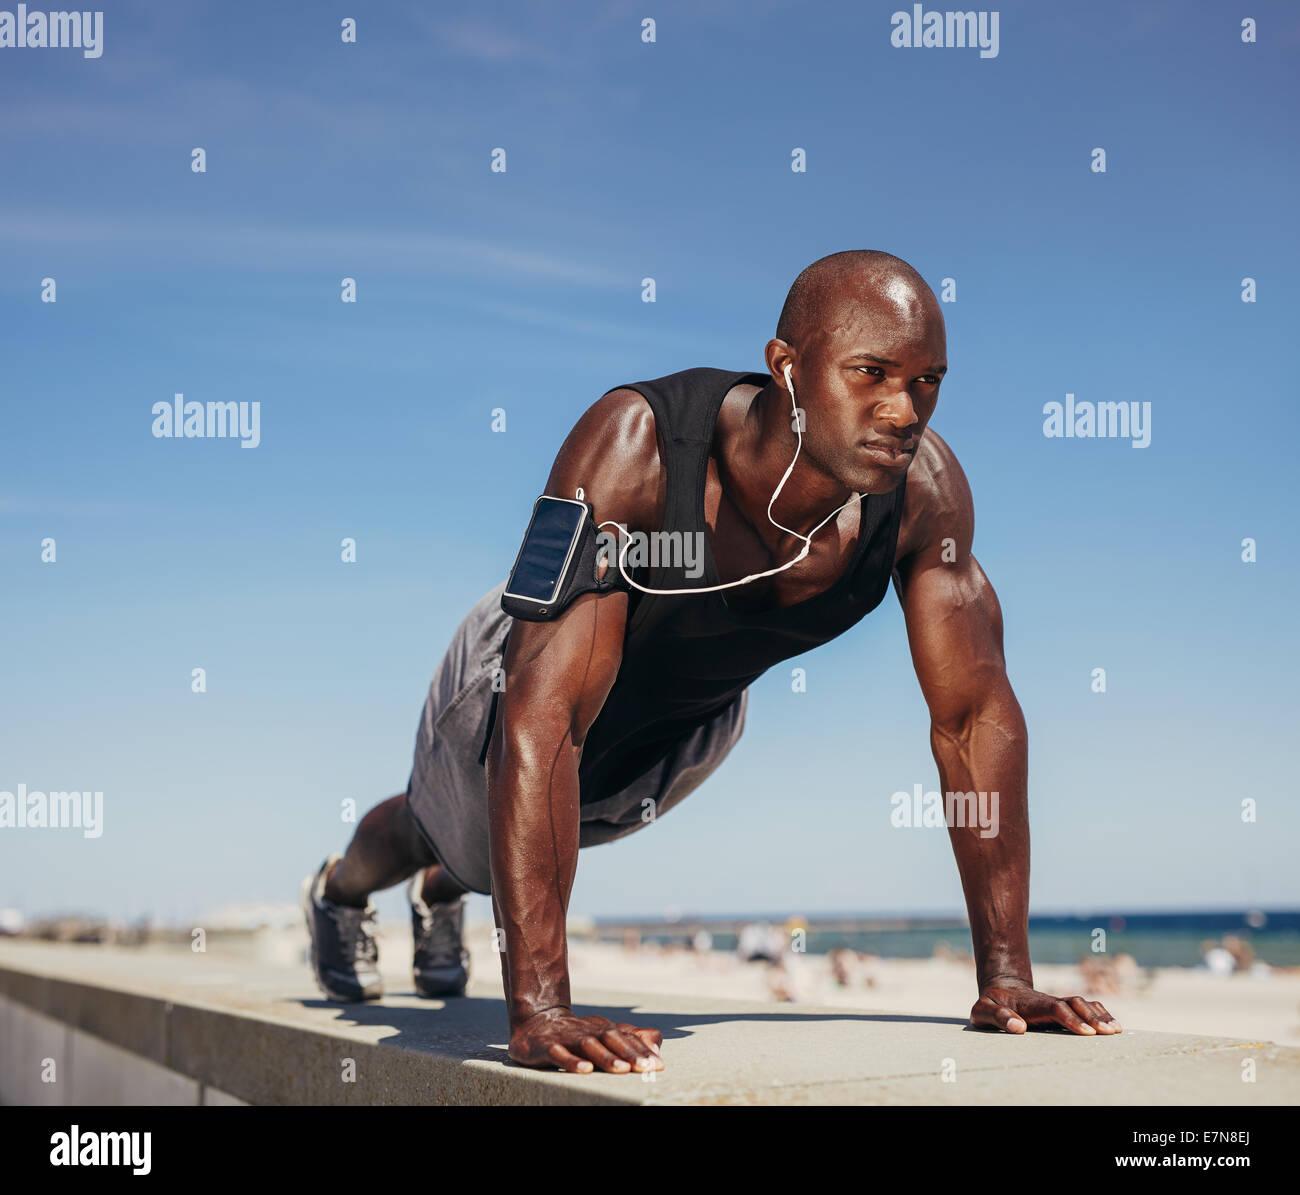 L'homme musclé faire poussez se lève contre le ciel bleu. Athlète masculin solide de l'extérieur. Banque D'Images